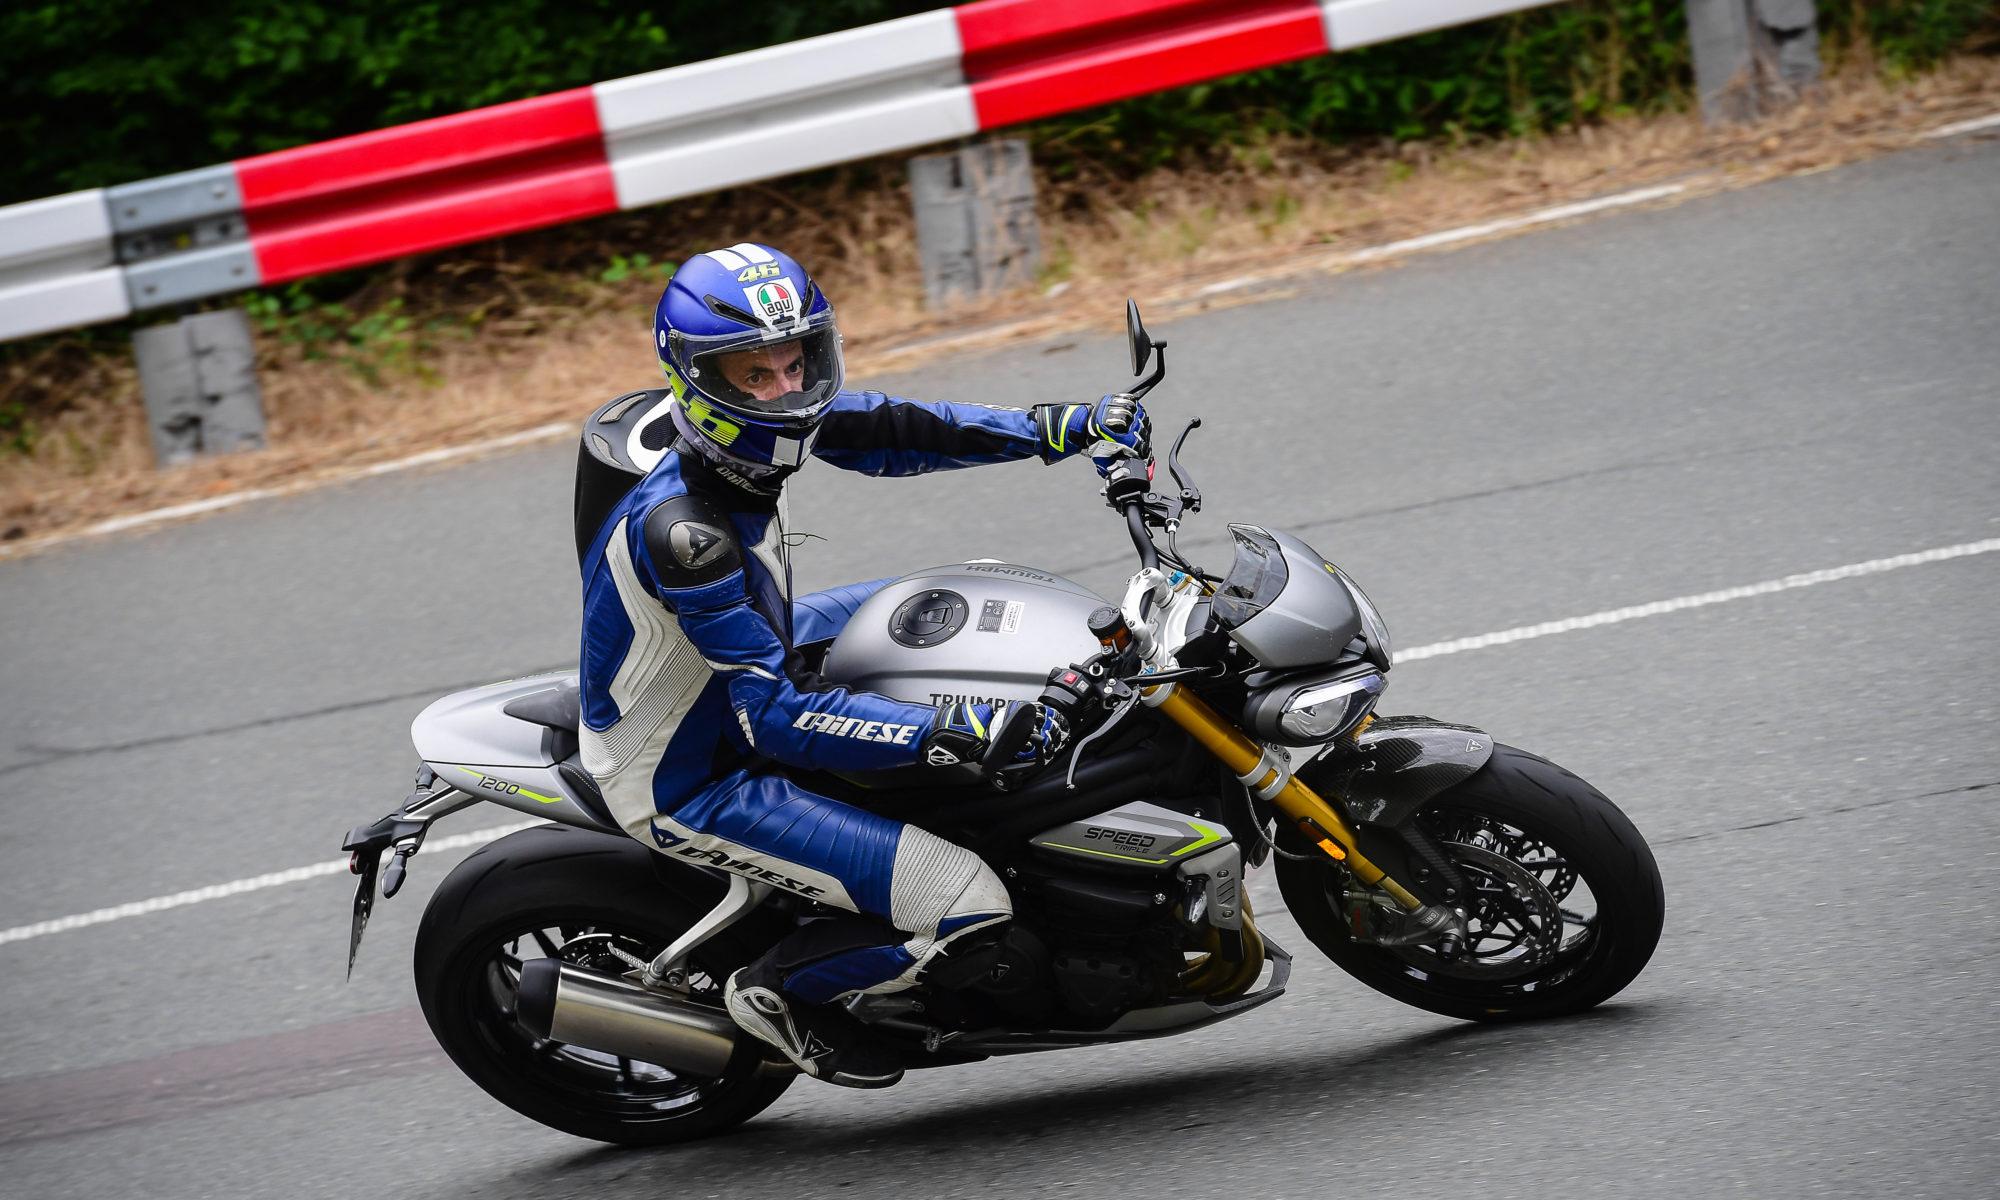 Motorradfahrer auf Triumph Speed Triple 1200 RS im Harz